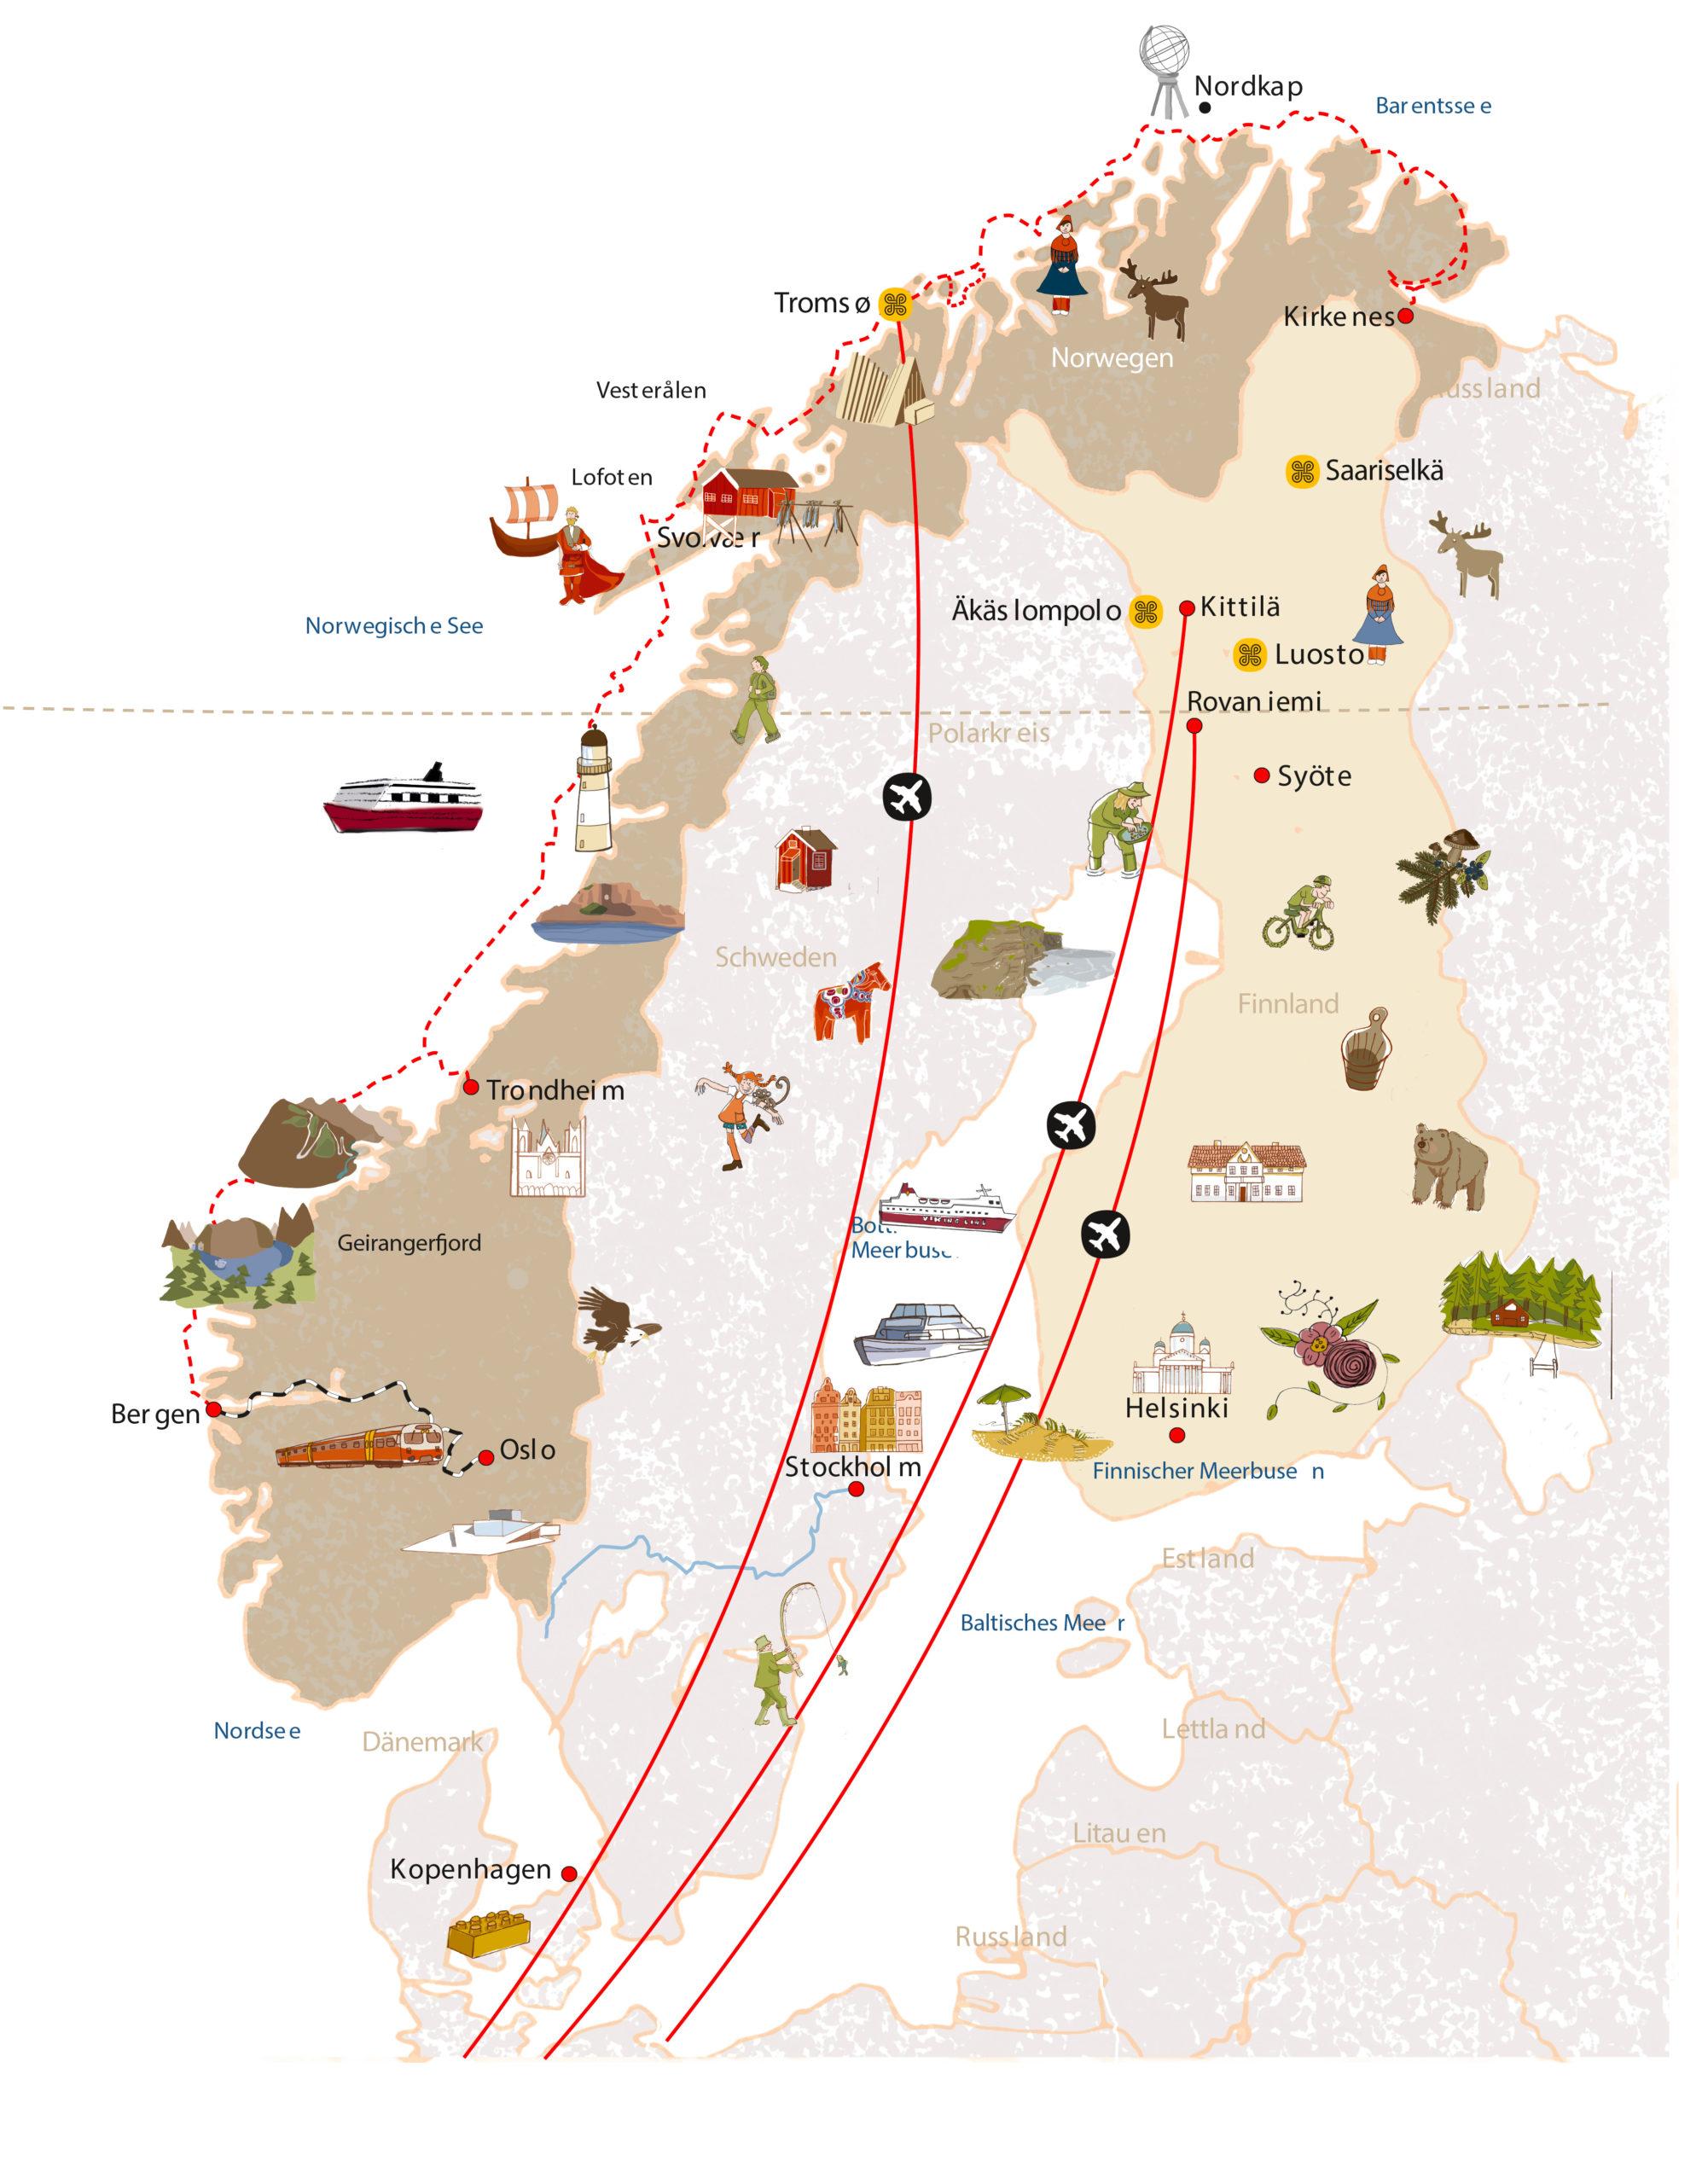 Carte découverte illustrée